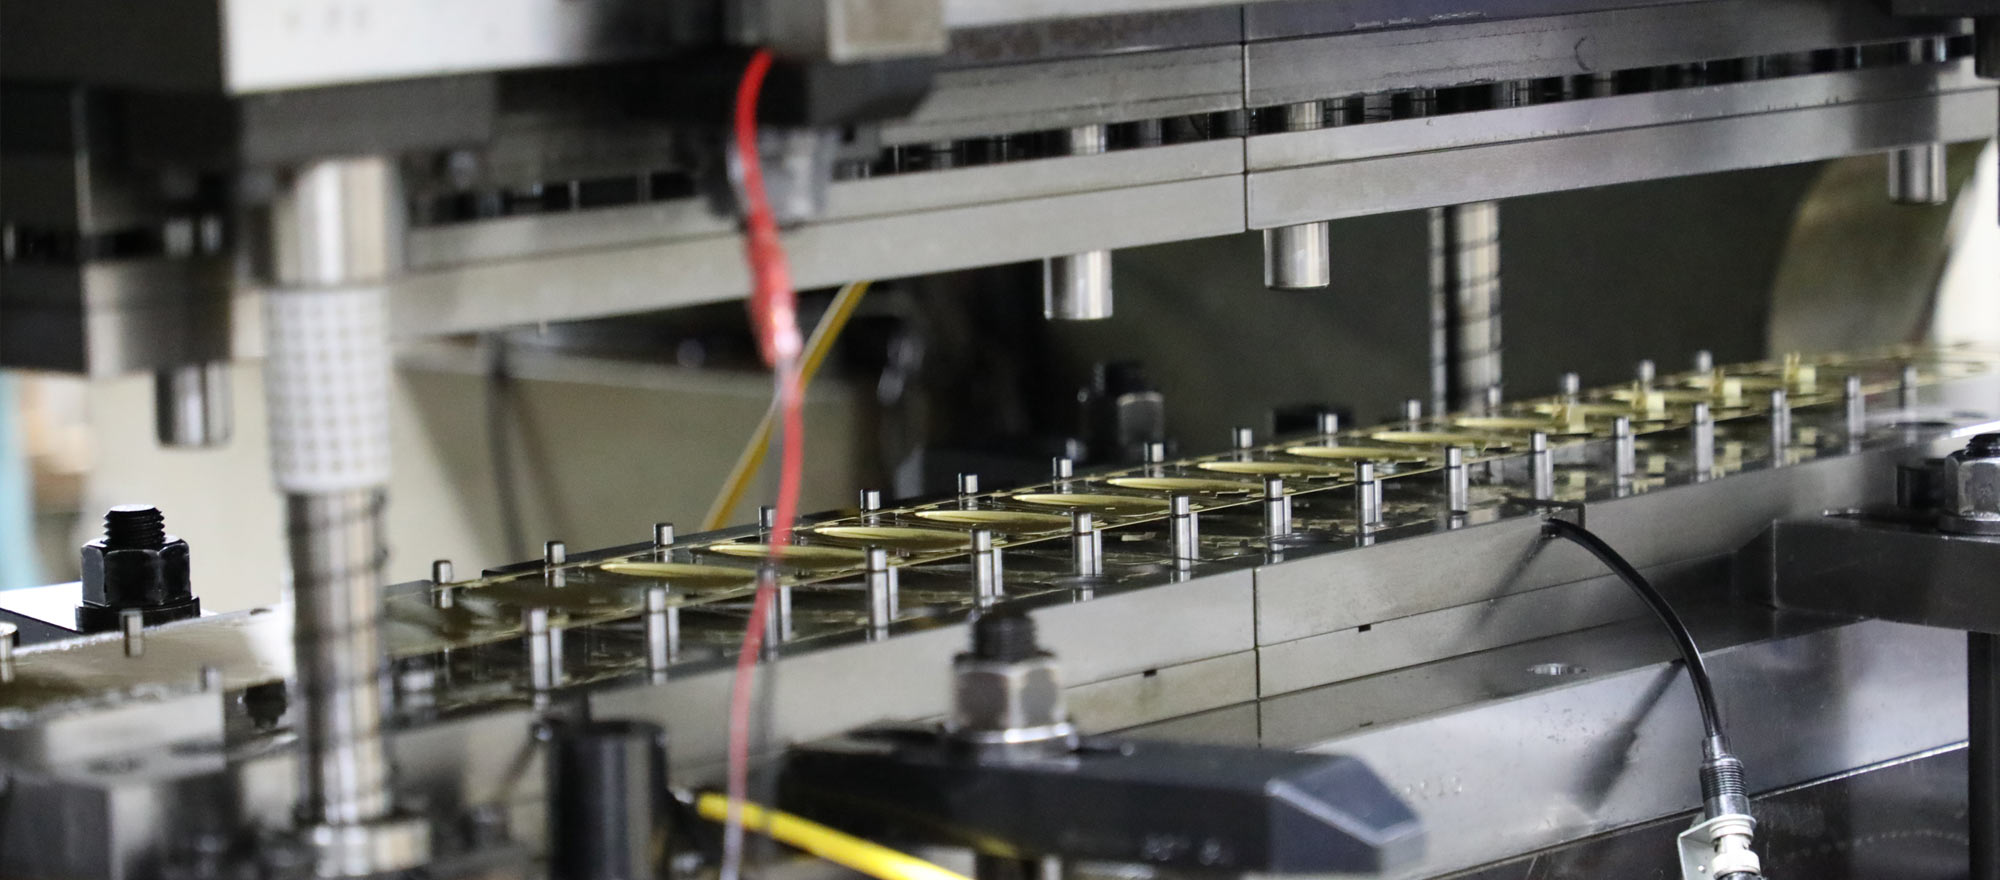 藤田金属 株式会社|藤田金属 株式会社